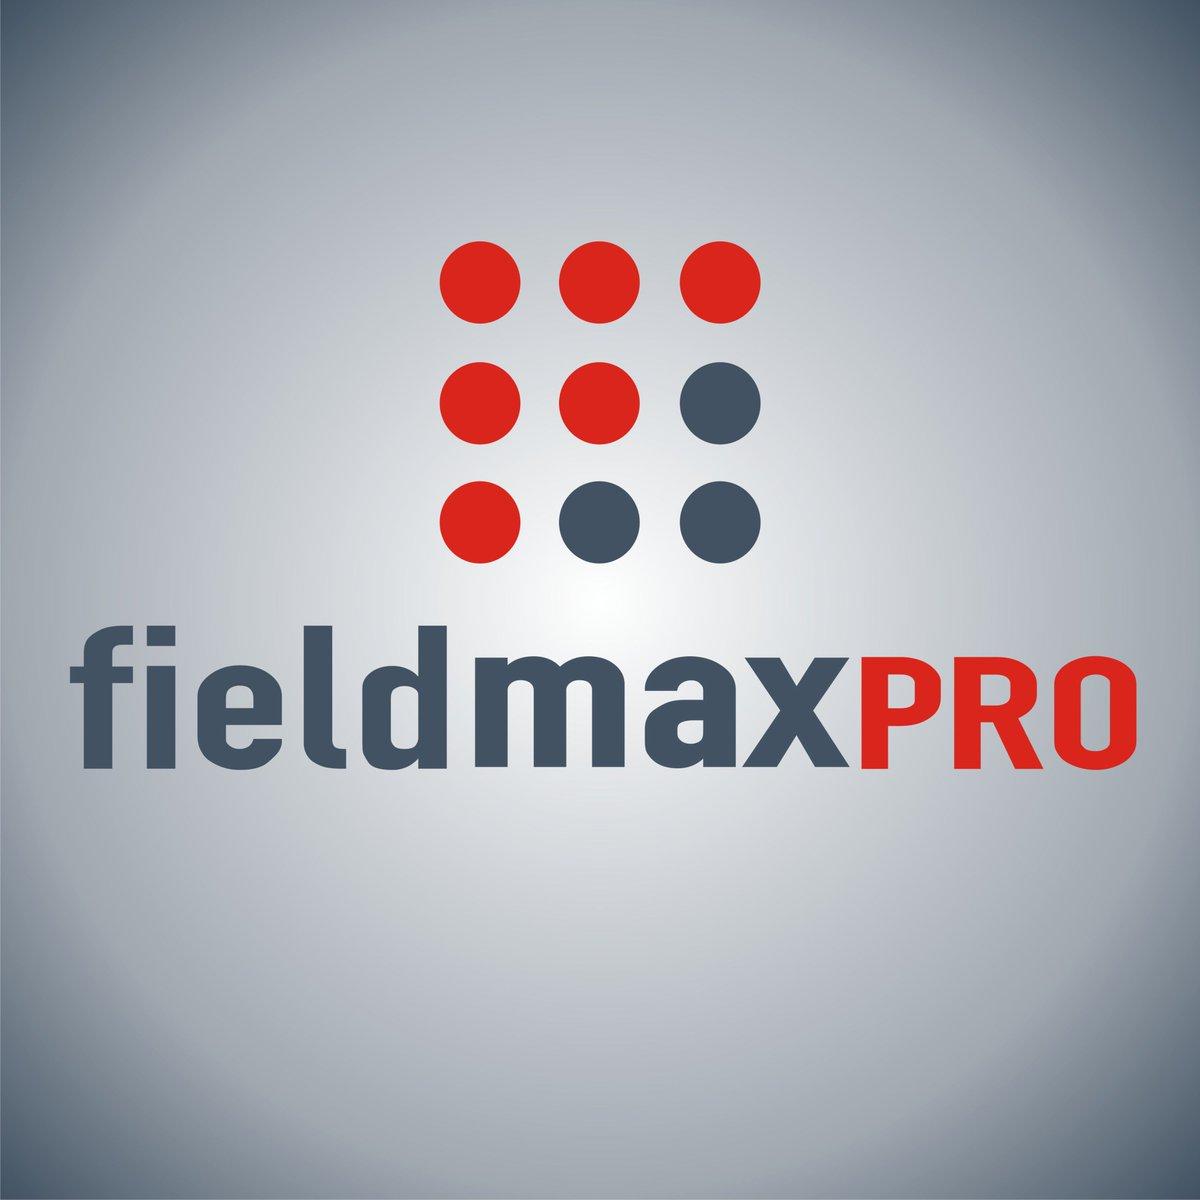 Field Force